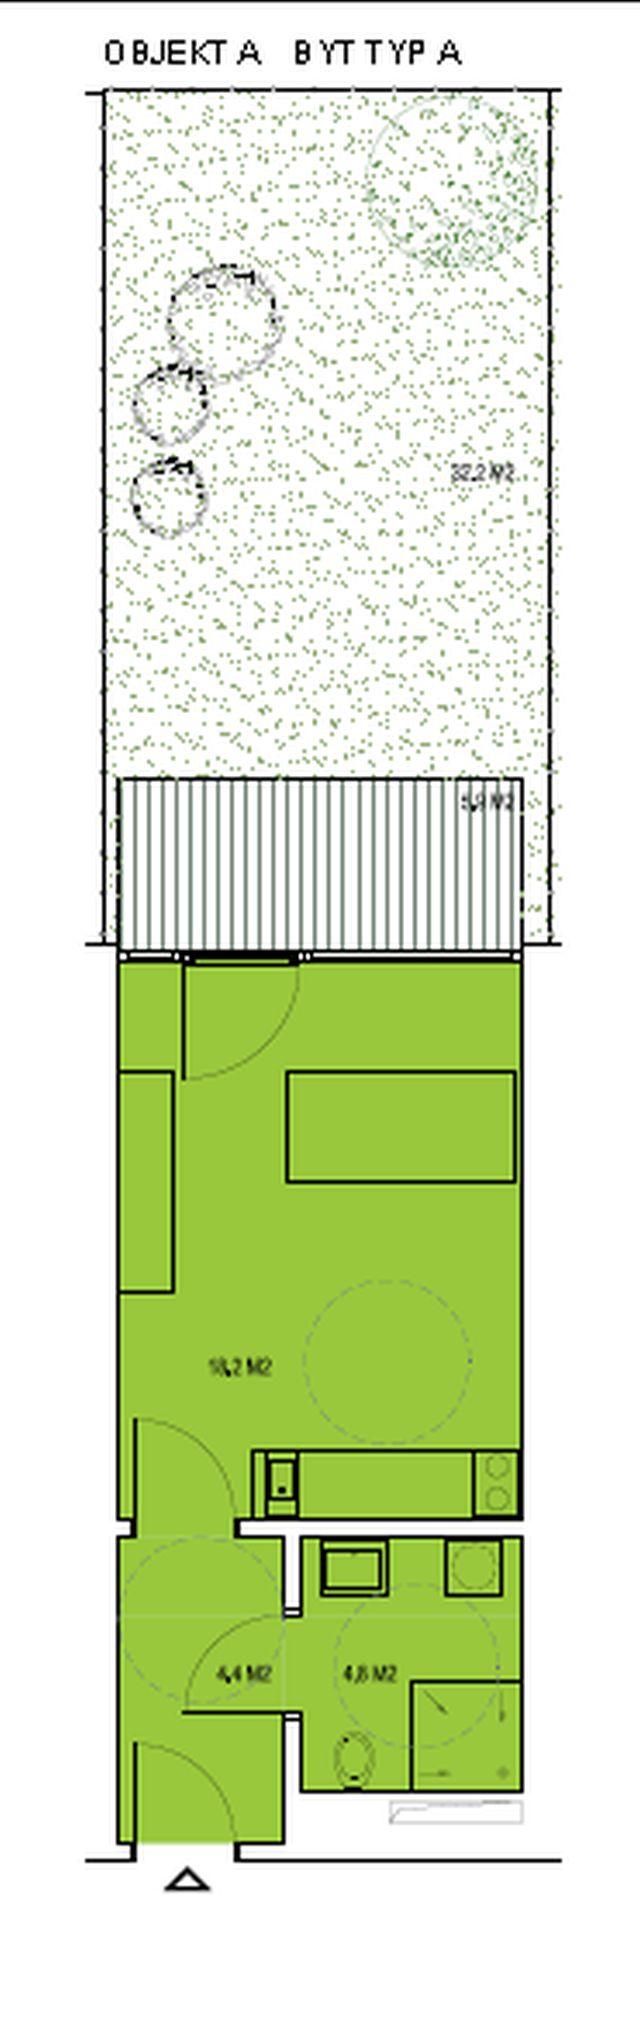 budova A, byt A 27,3m + zahradka